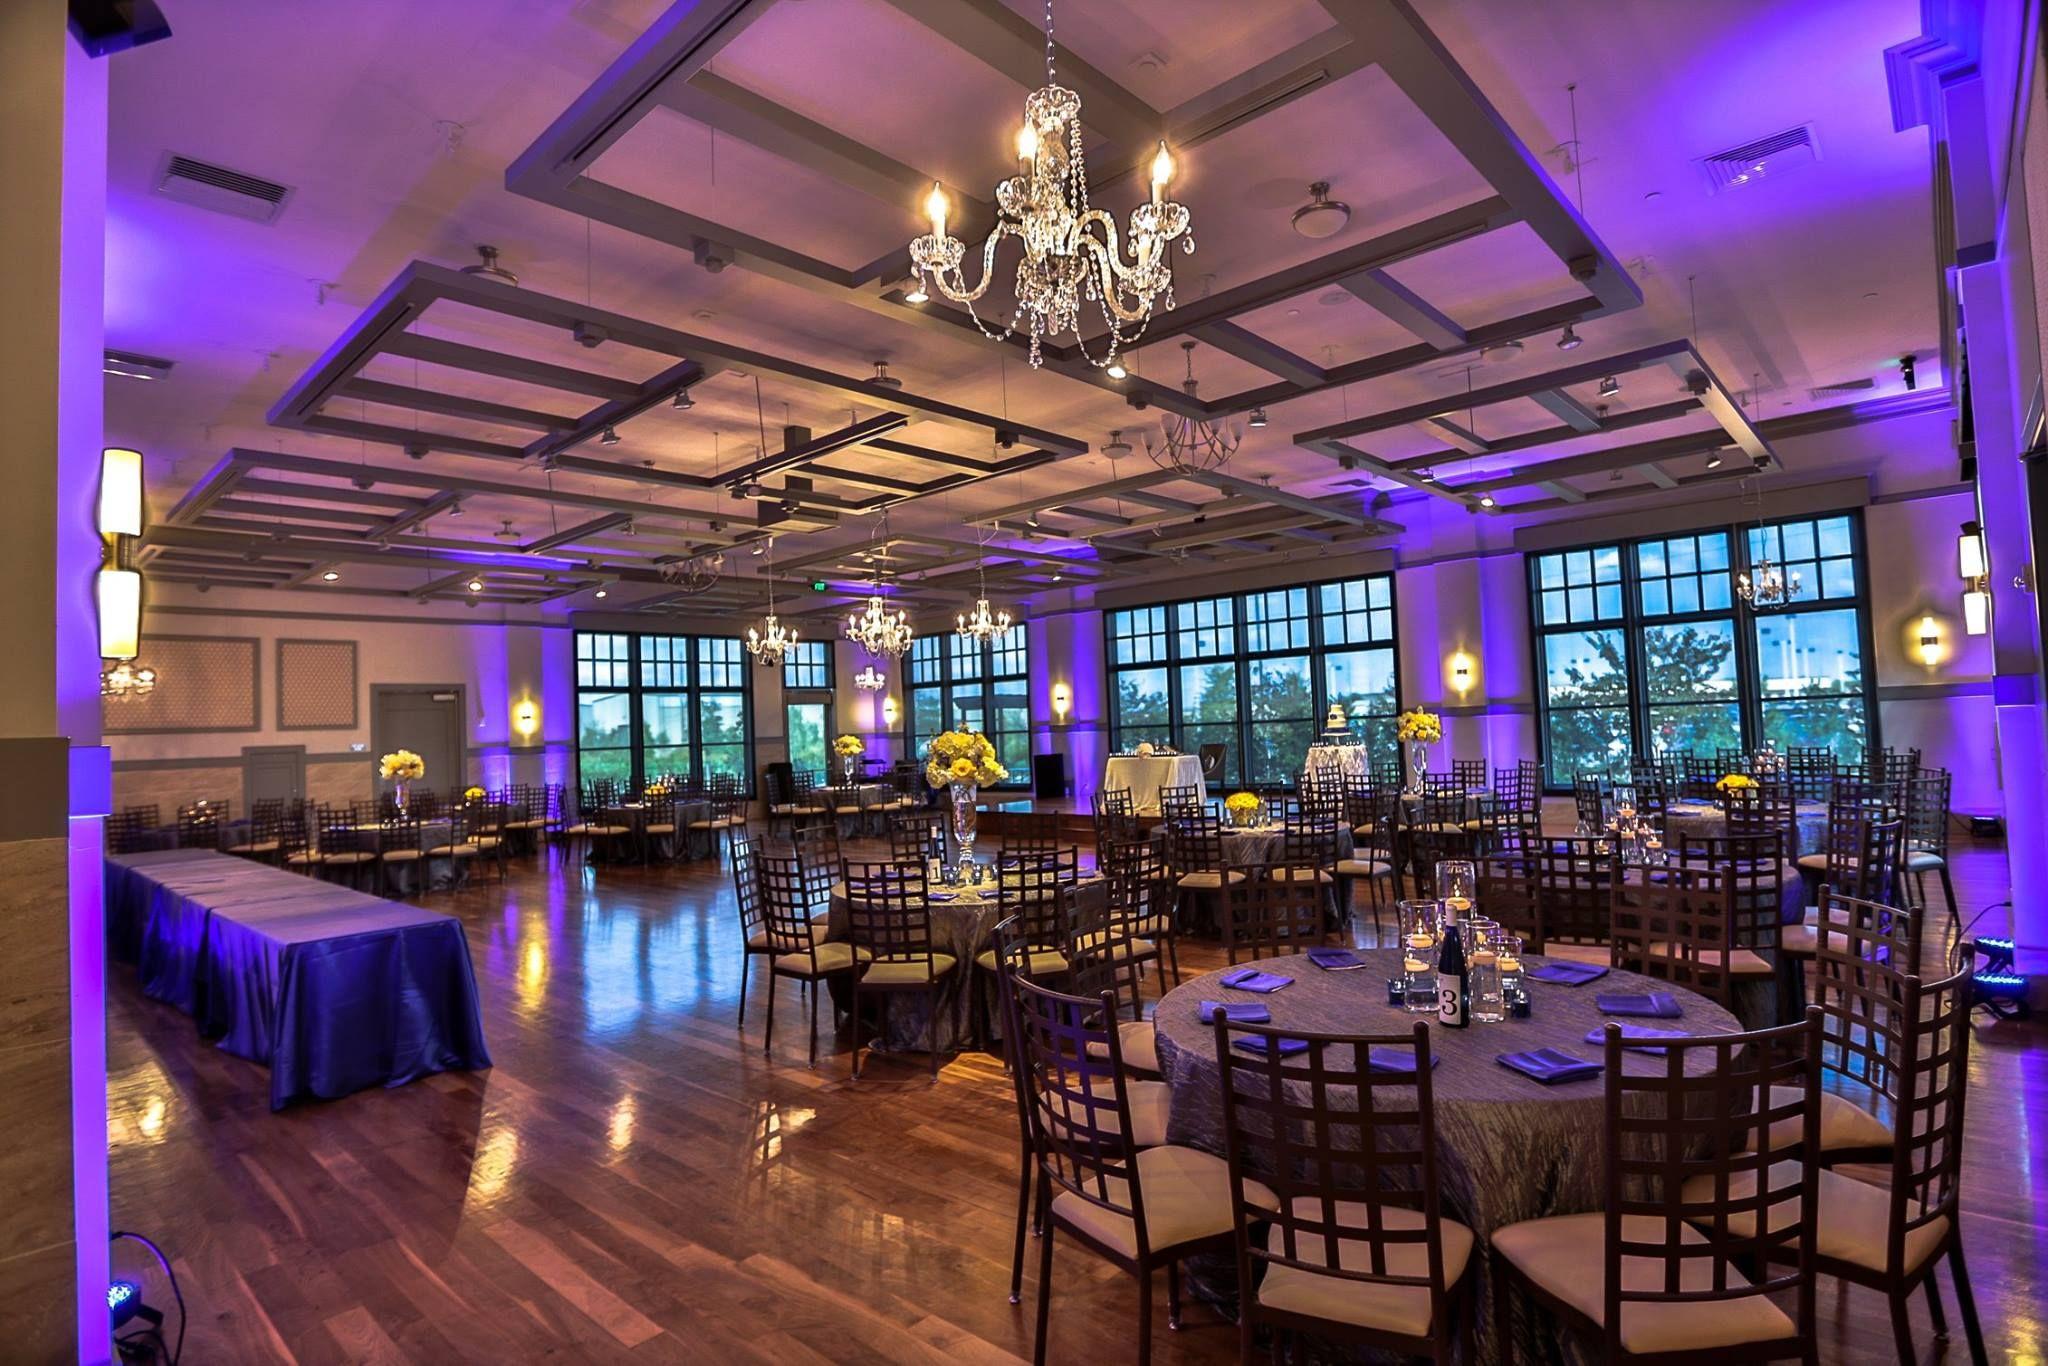 Main Hall Patio Banquet Hall Venue For Rent In Katy Wedding Venue Houston Wedding Venues Event Venues